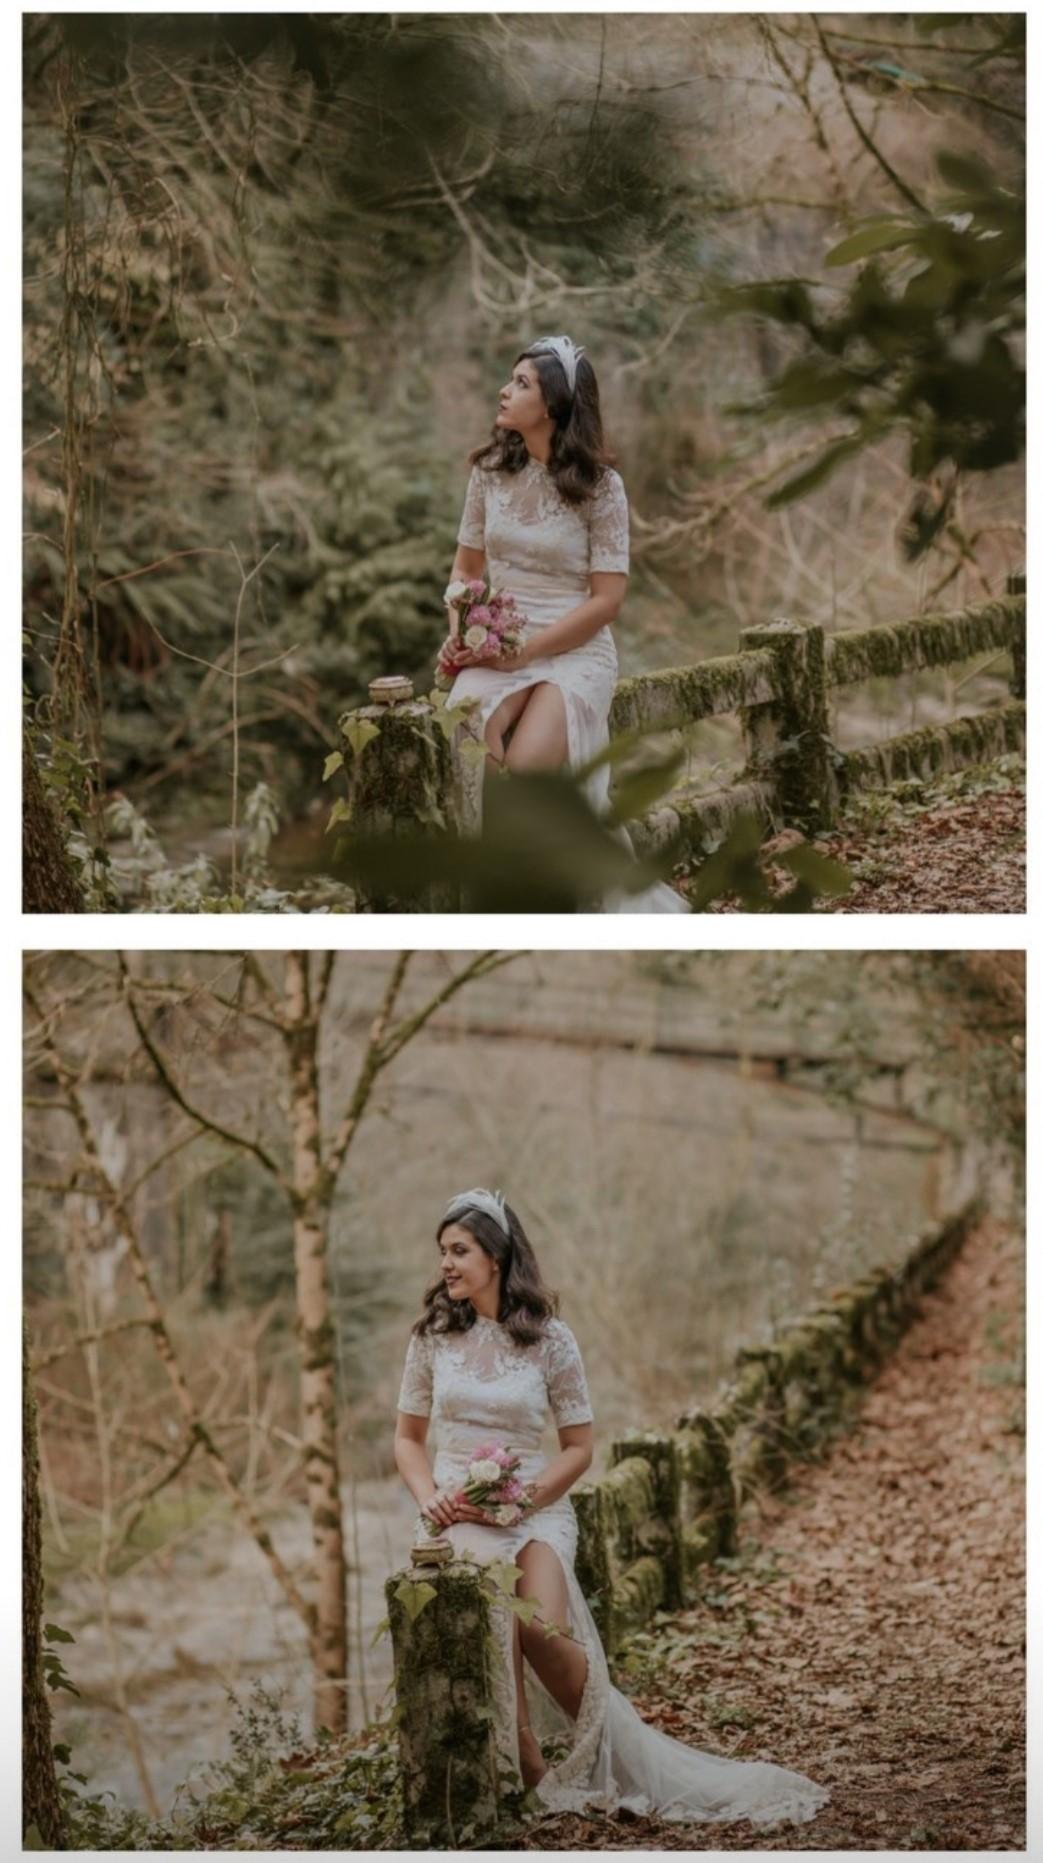 16 novelle- Foto: @ainhoarinconfotografia